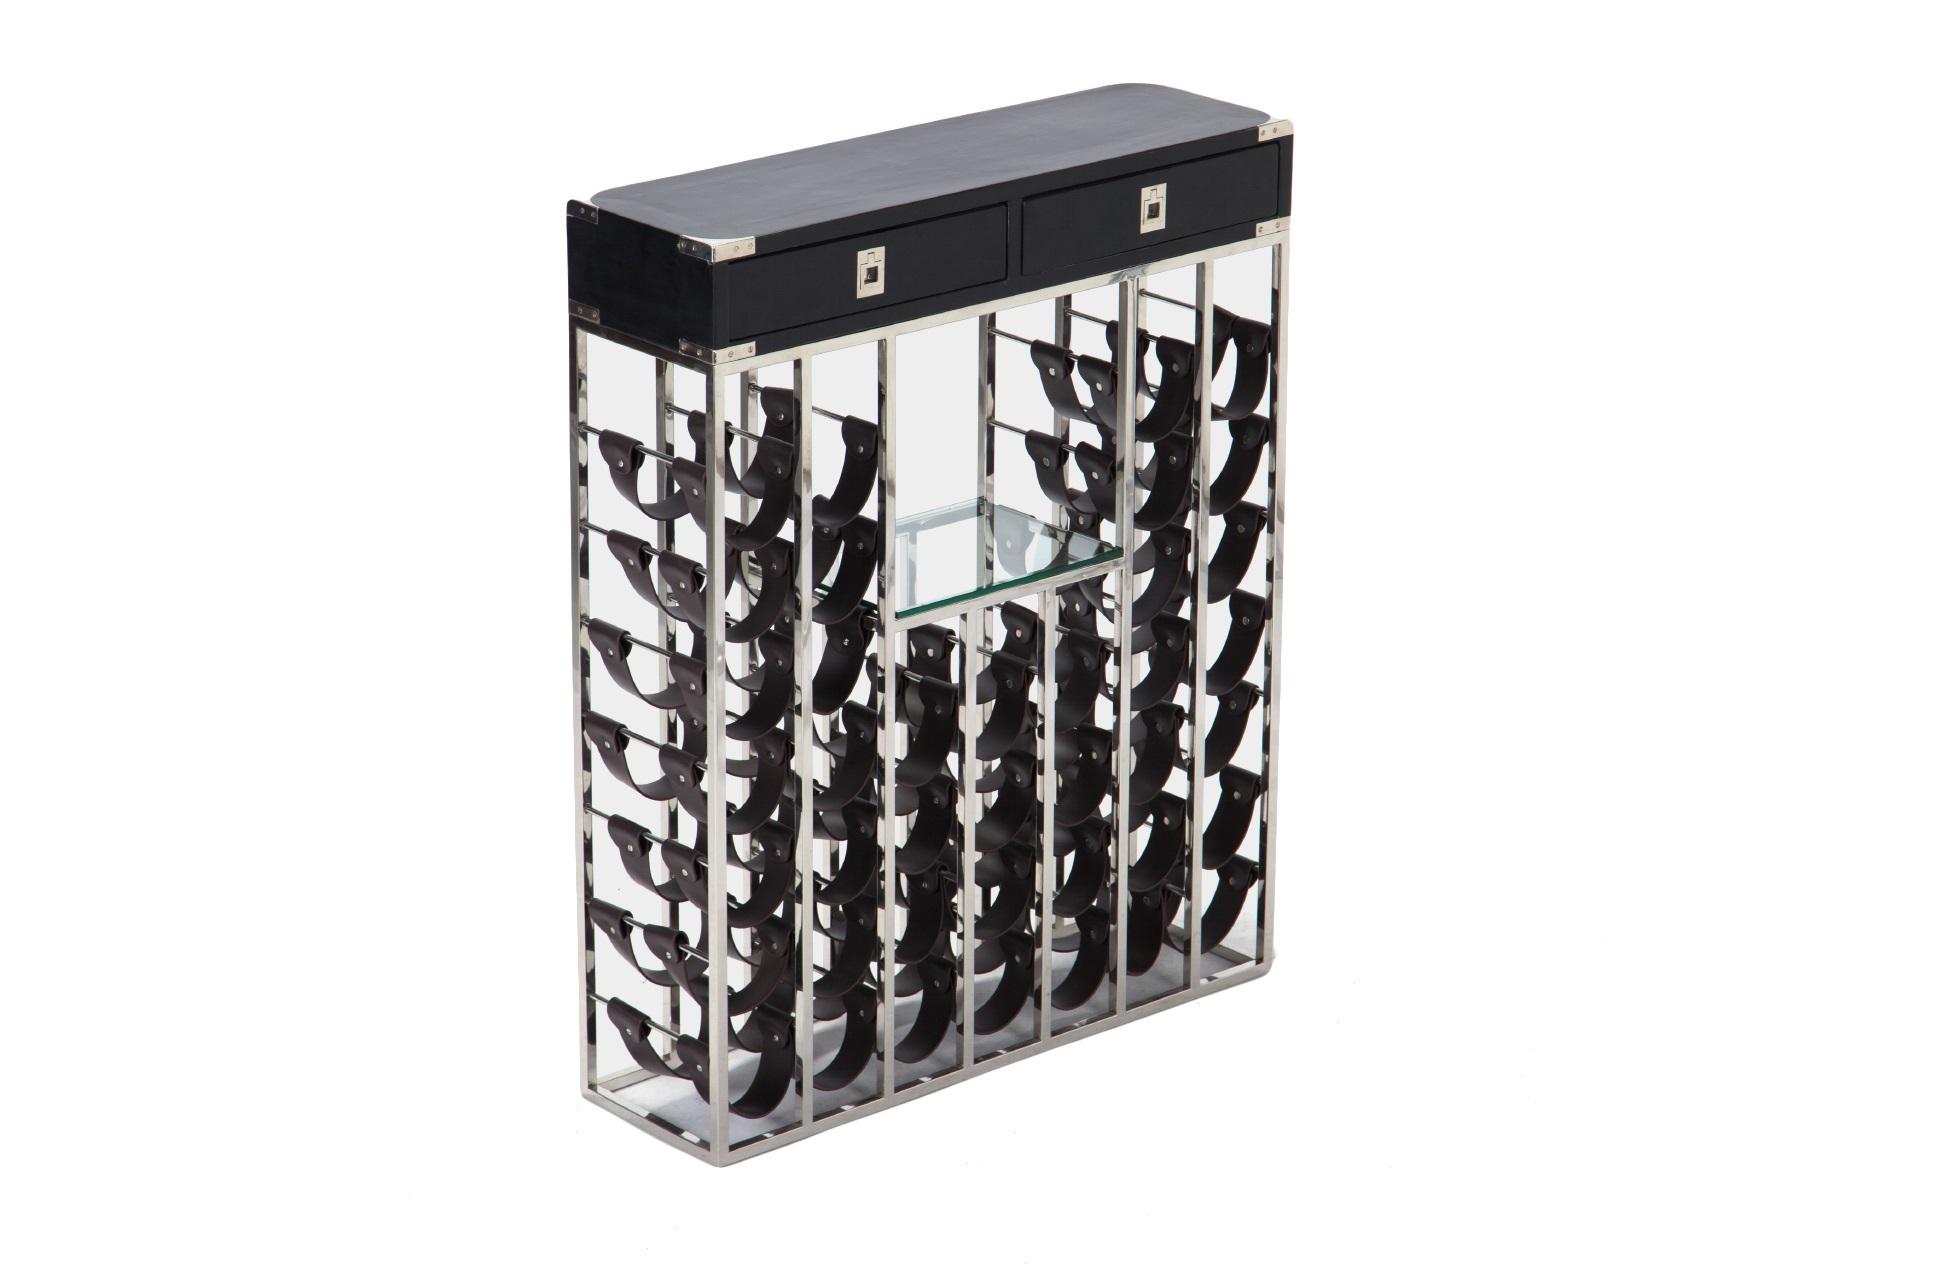 Винный барВинные стеллажи<br>Винный бар из стали с двумя выдвижными ящиками и полочкой из стекла. Верх изготовлен из дерева (береза).<br><br>Material: Стекло<br>Width см: 84<br>Depth см: 25<br>Height см: 104